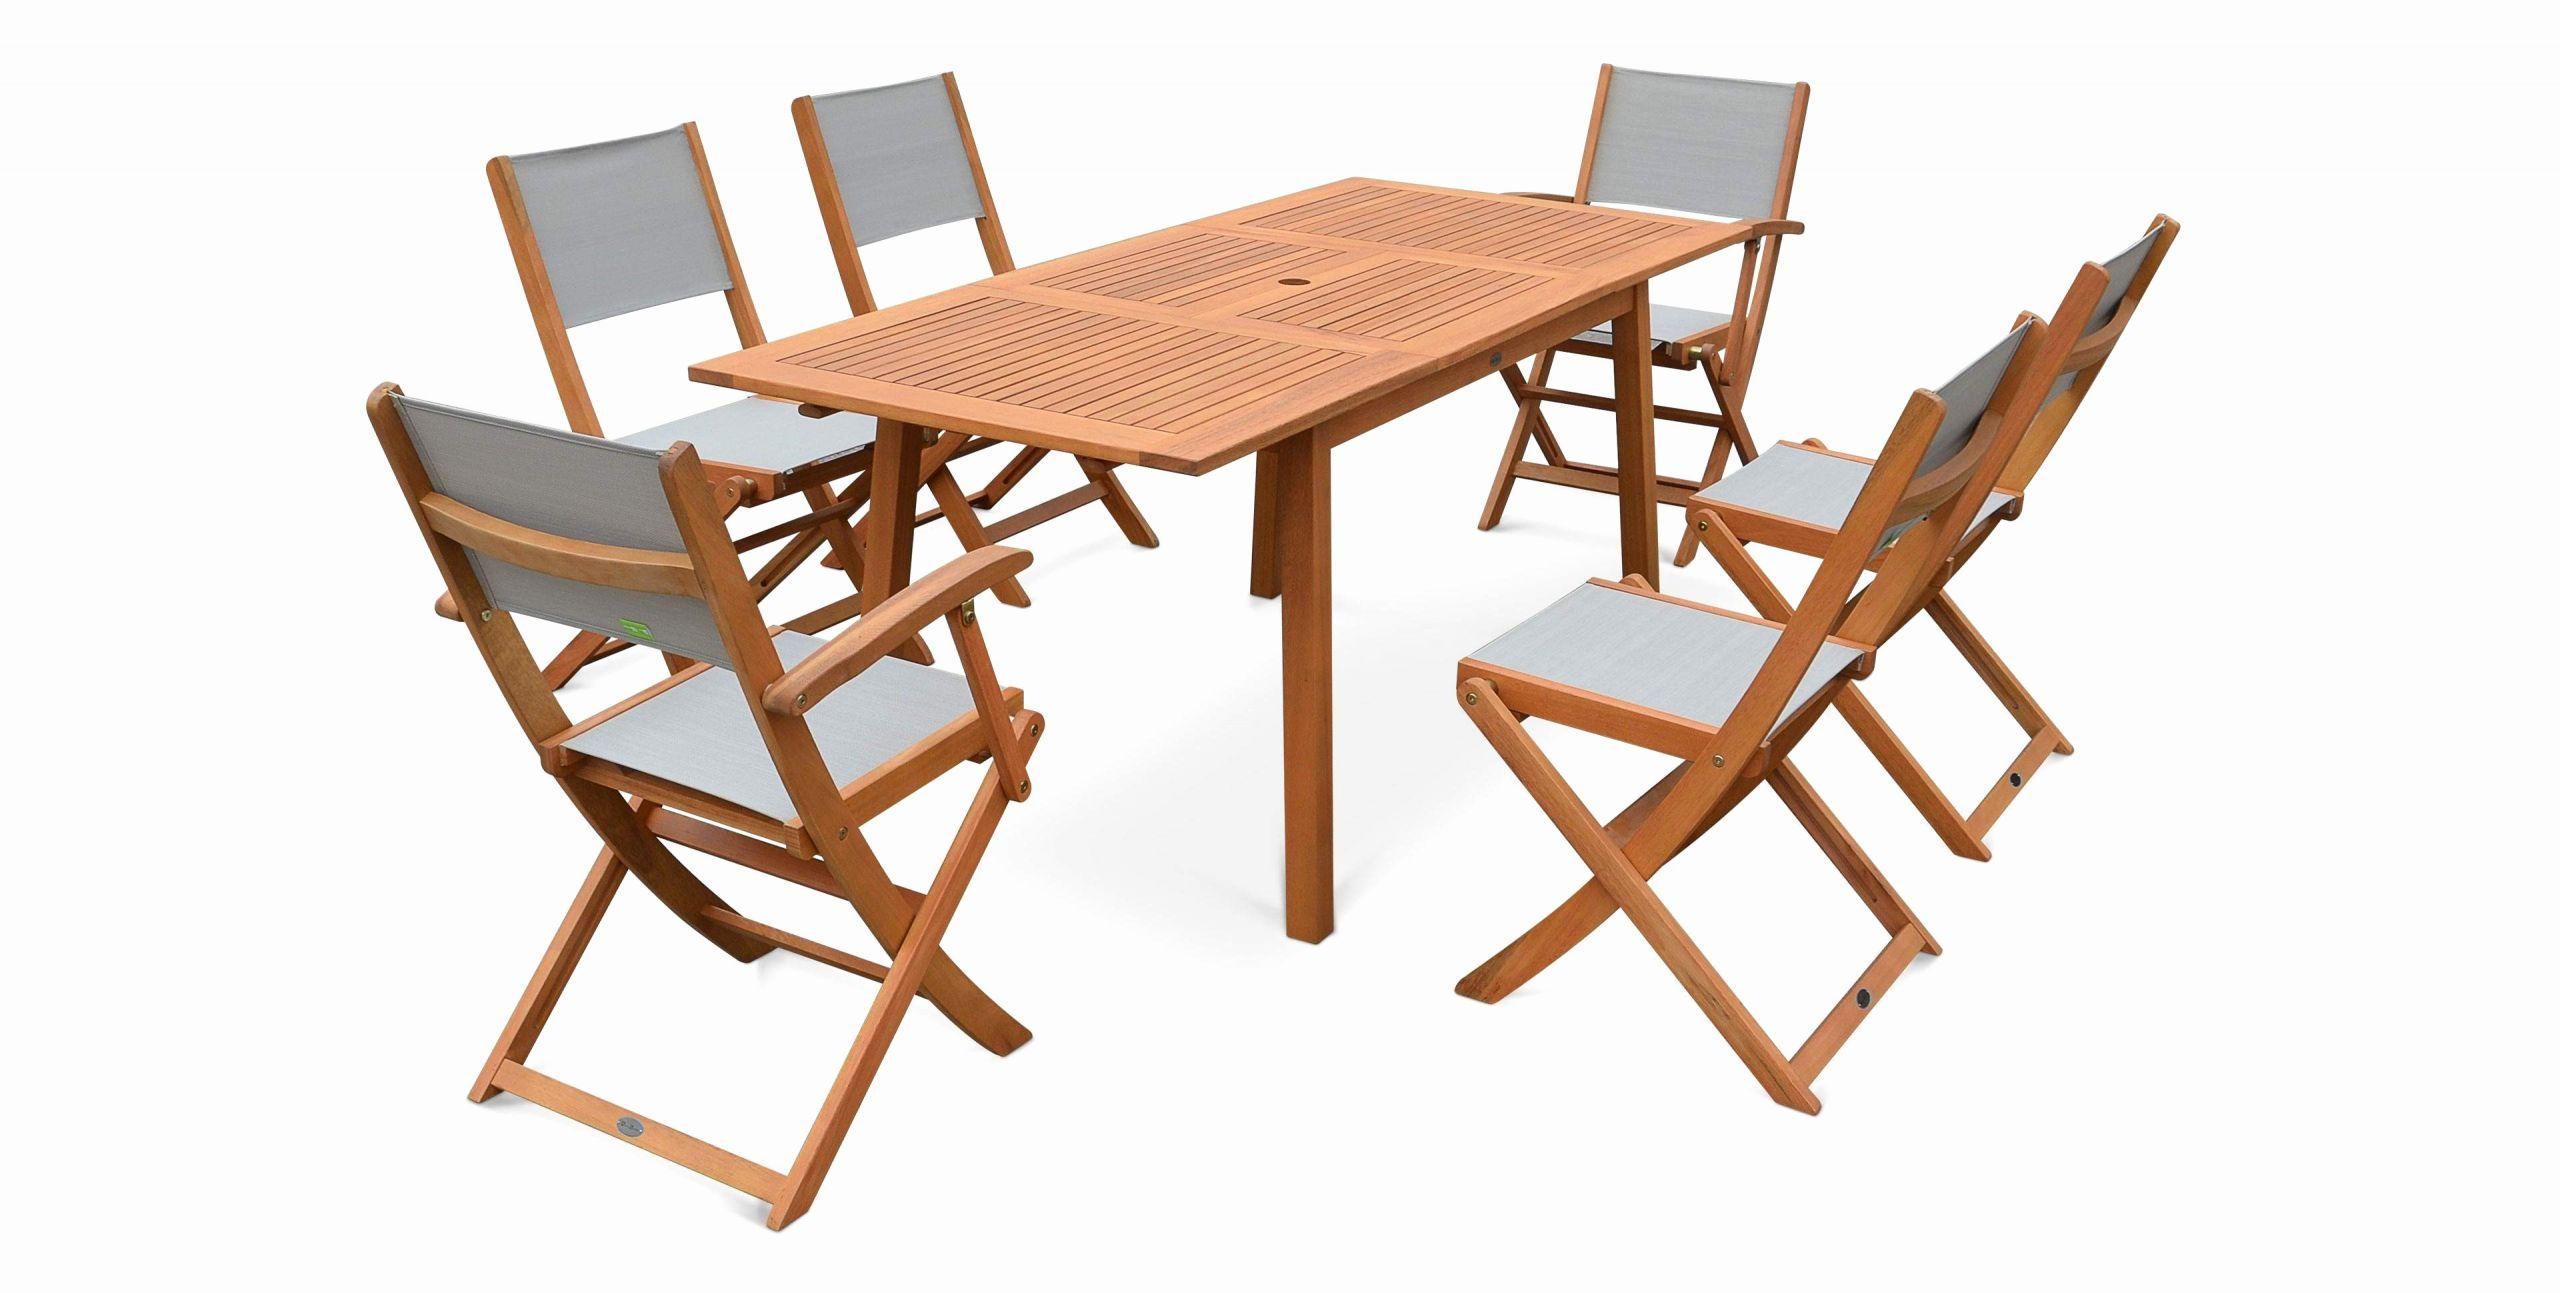 37 Charmant Table De Salon De Jardin Leclerc | Salon Jardin intérieur Table Et Chaises De Jardin Leclerc